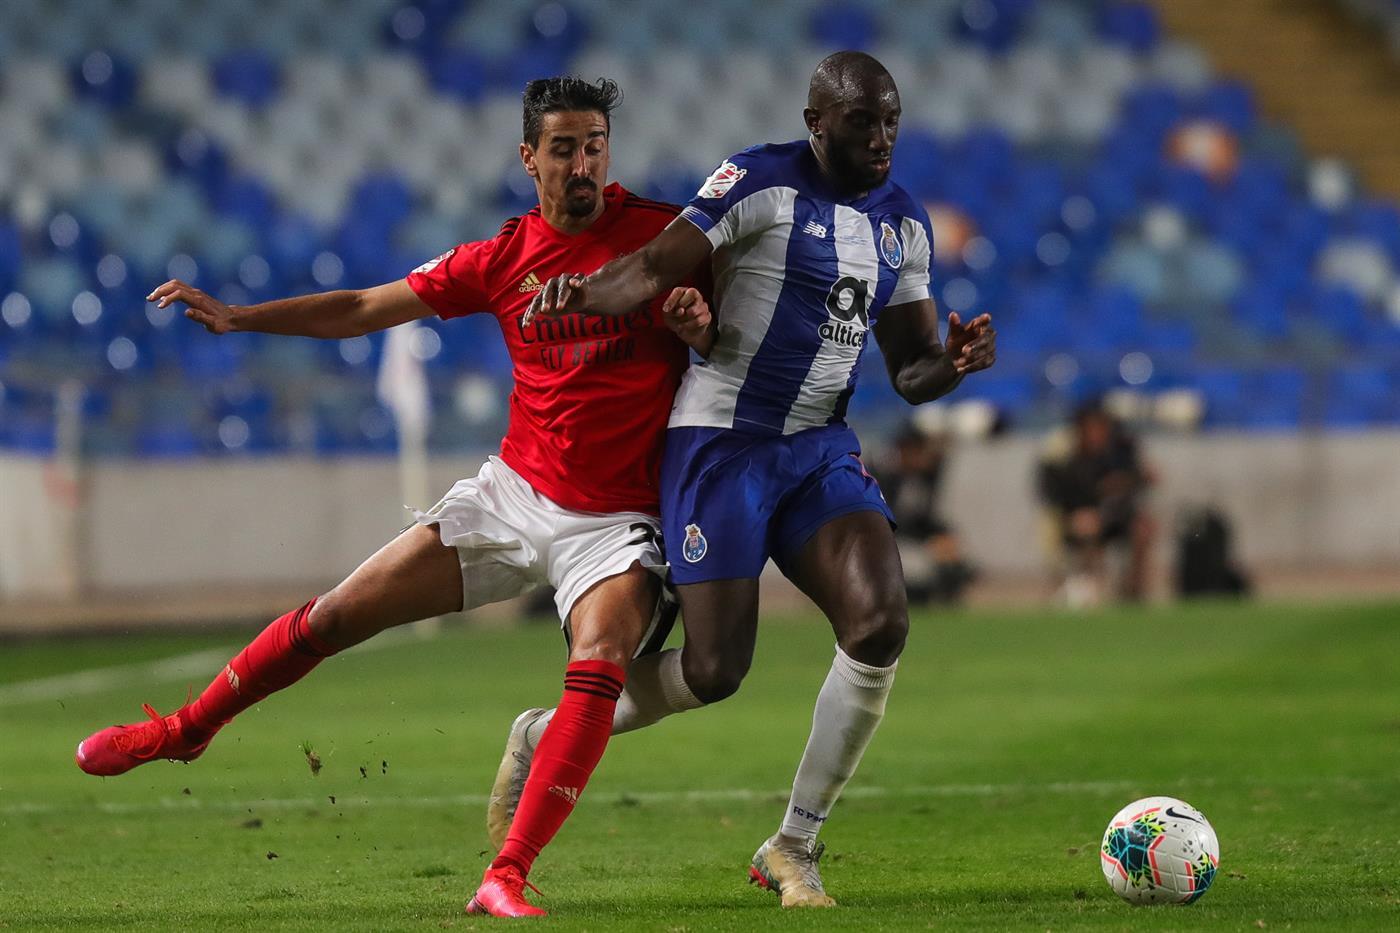 Coimbra, 01/08/2020 - O Sport Lisboa e Benfica recebeu esta noite o Futebol Clube do Porto, no Estádio